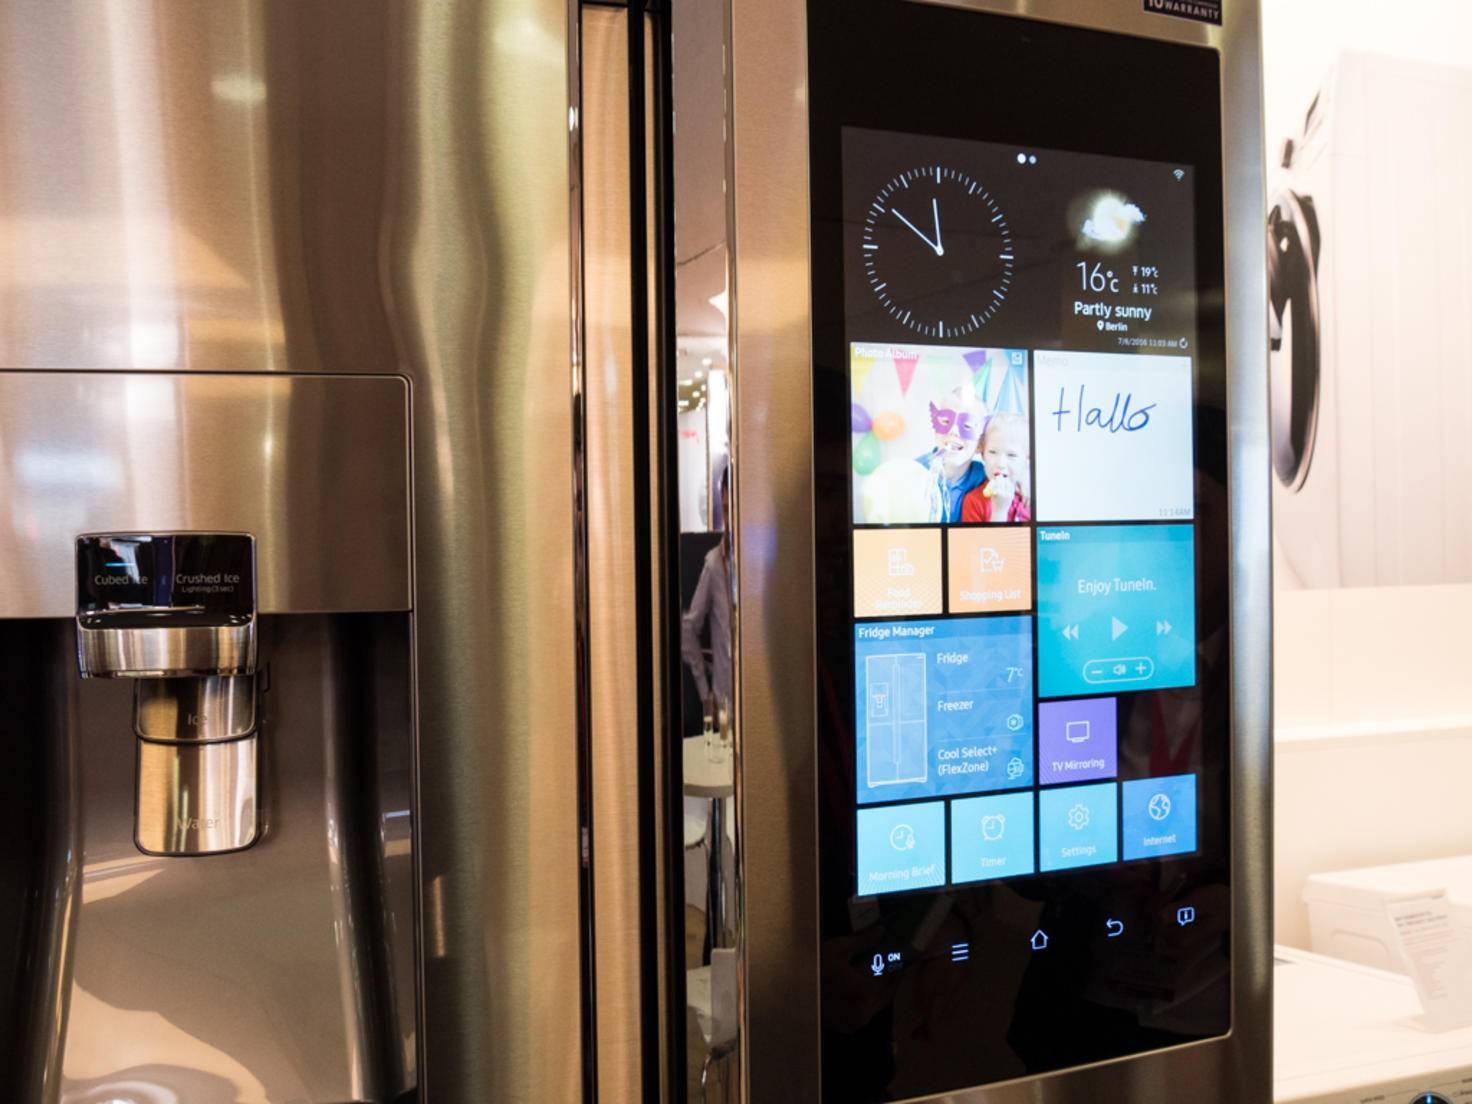 Der Family Hub T9000 ist ein Kühlschrank mit gewissen Vorzügen.